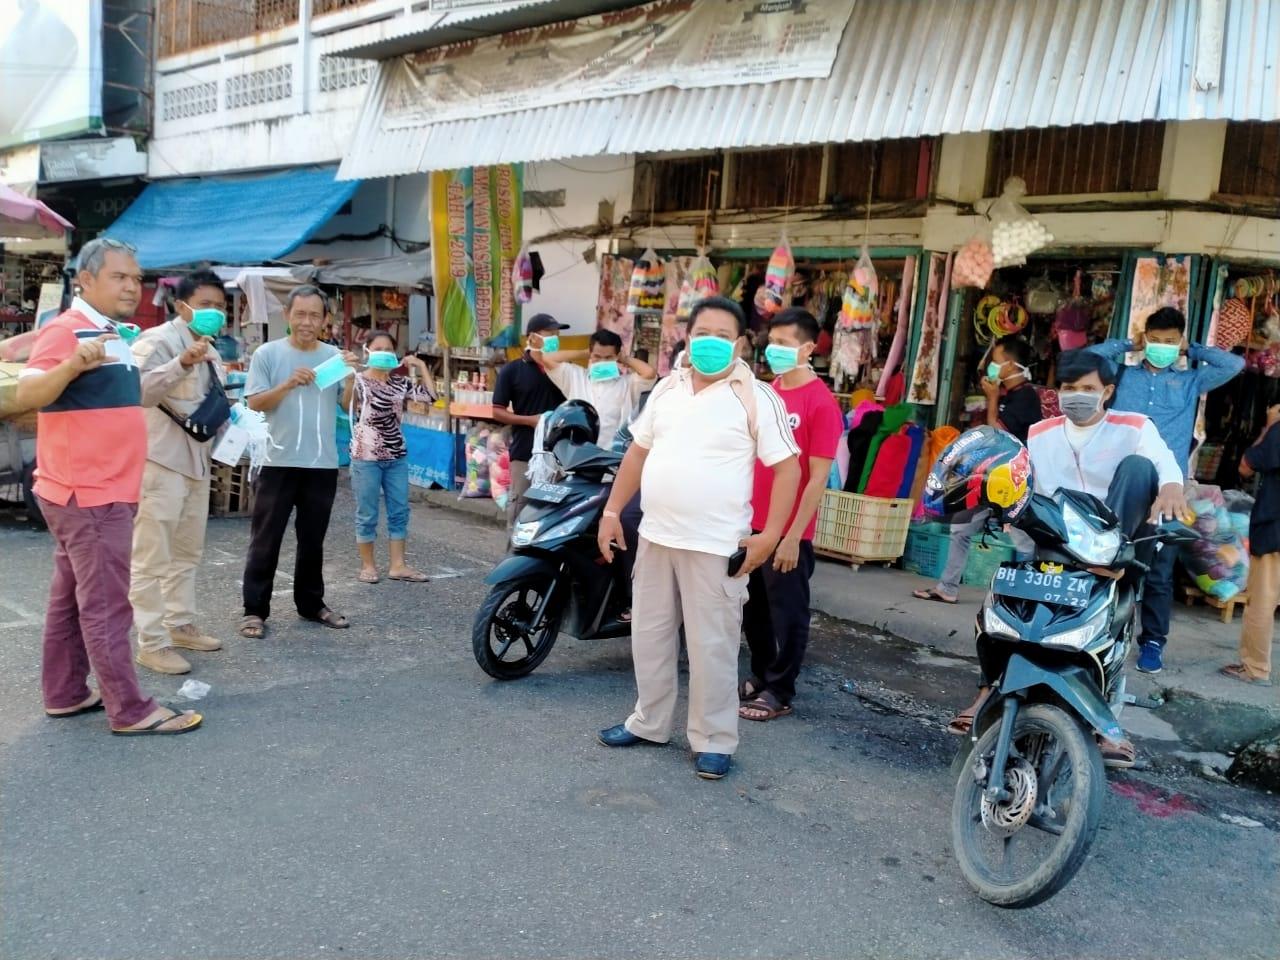 Komunitas Pecinta Cek Endra saat bagi-bagi masker di kawasan pasar kota jambi